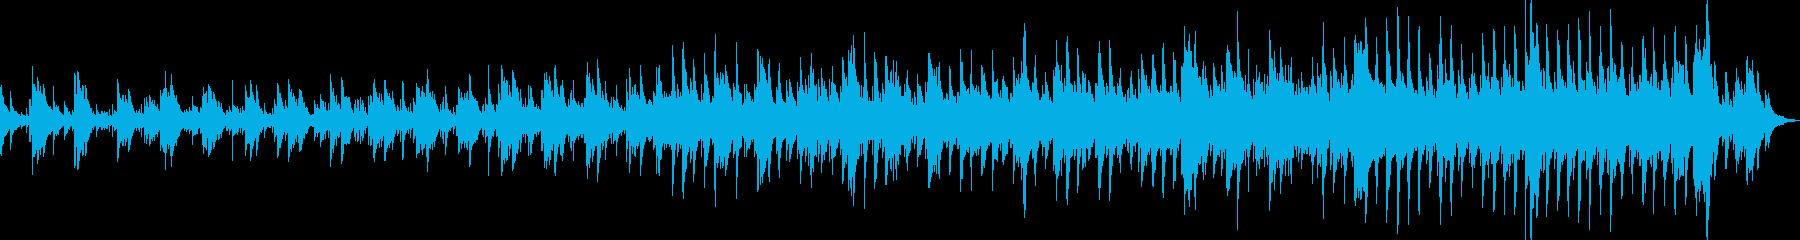 ピアノのシンプルな優しい曲の再生済みの波形